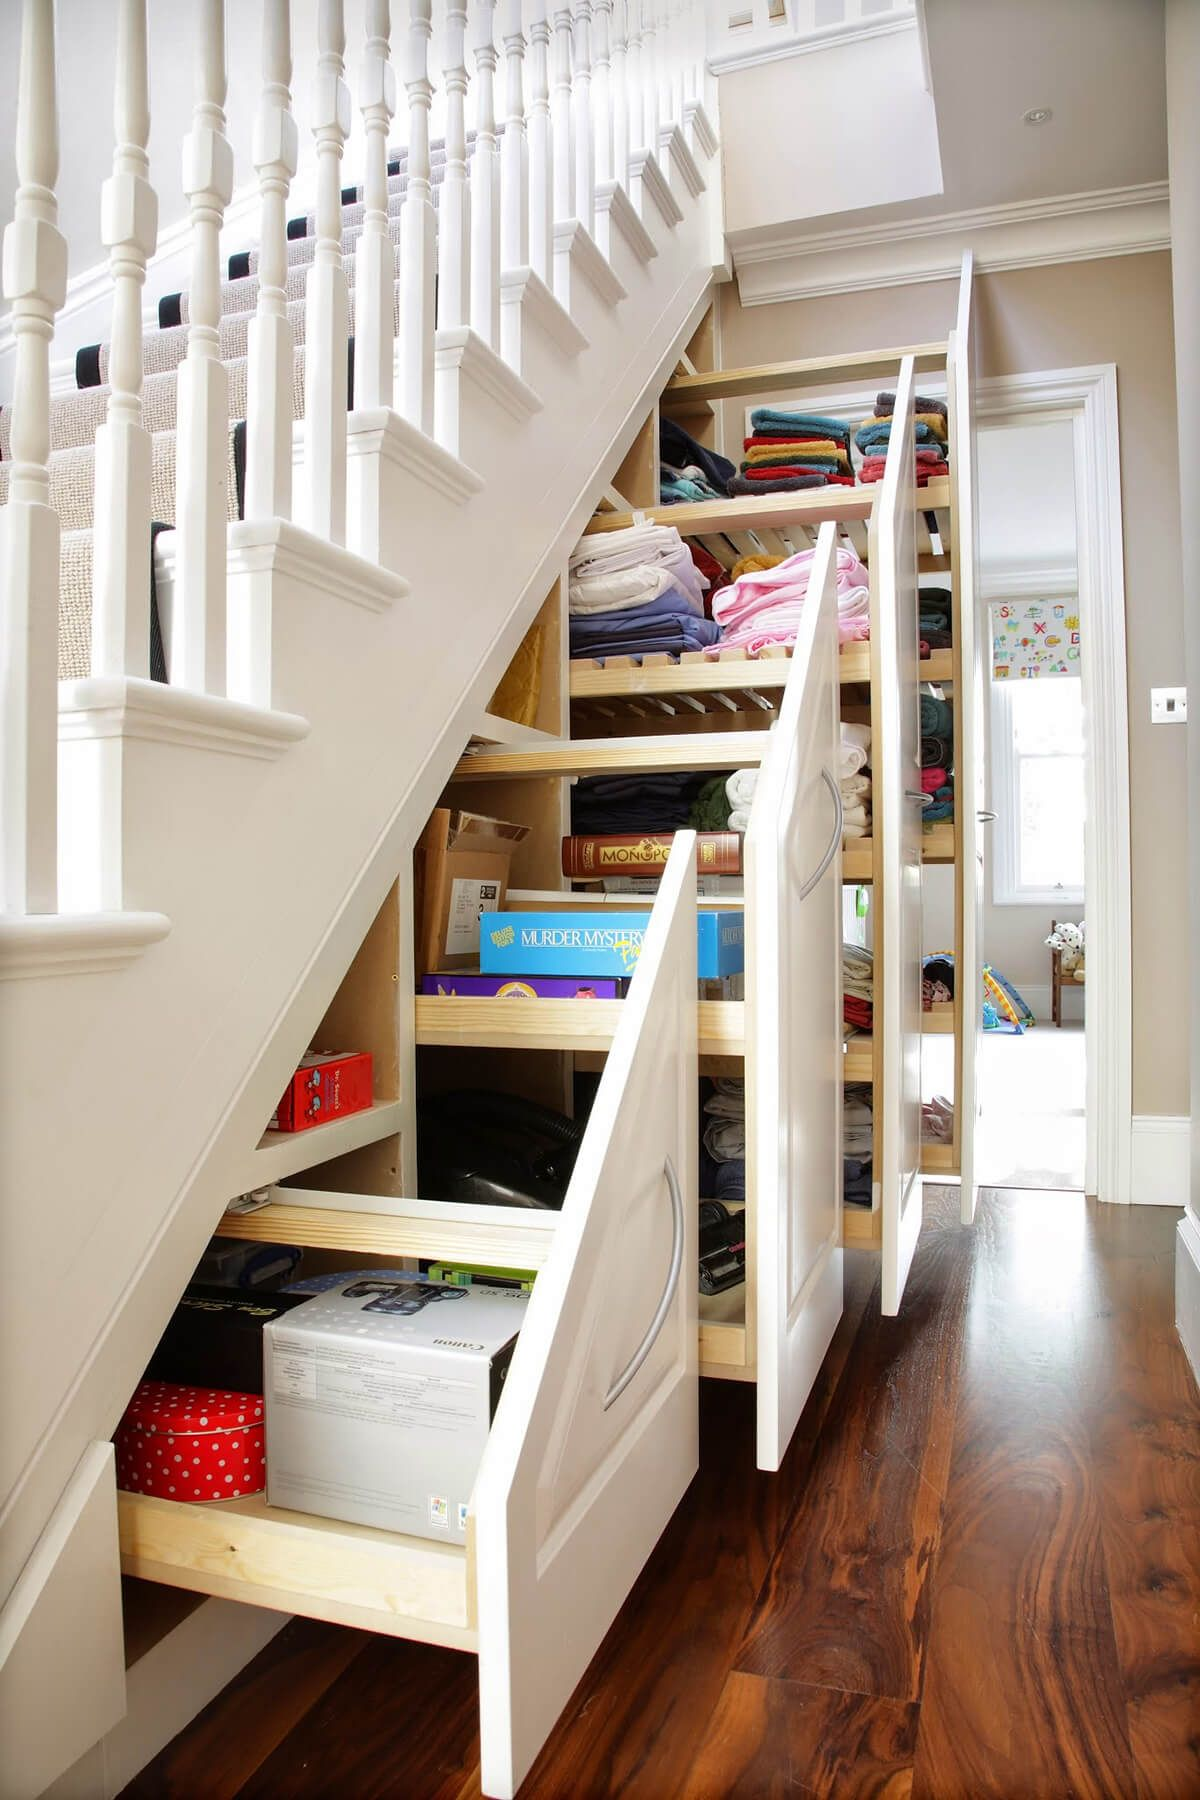 Photo of 40 Intelligente platzsparende Ideen, die Ihnen helfen, Ihr Zuhause attraktiv zu gestalten – Hause Dekore